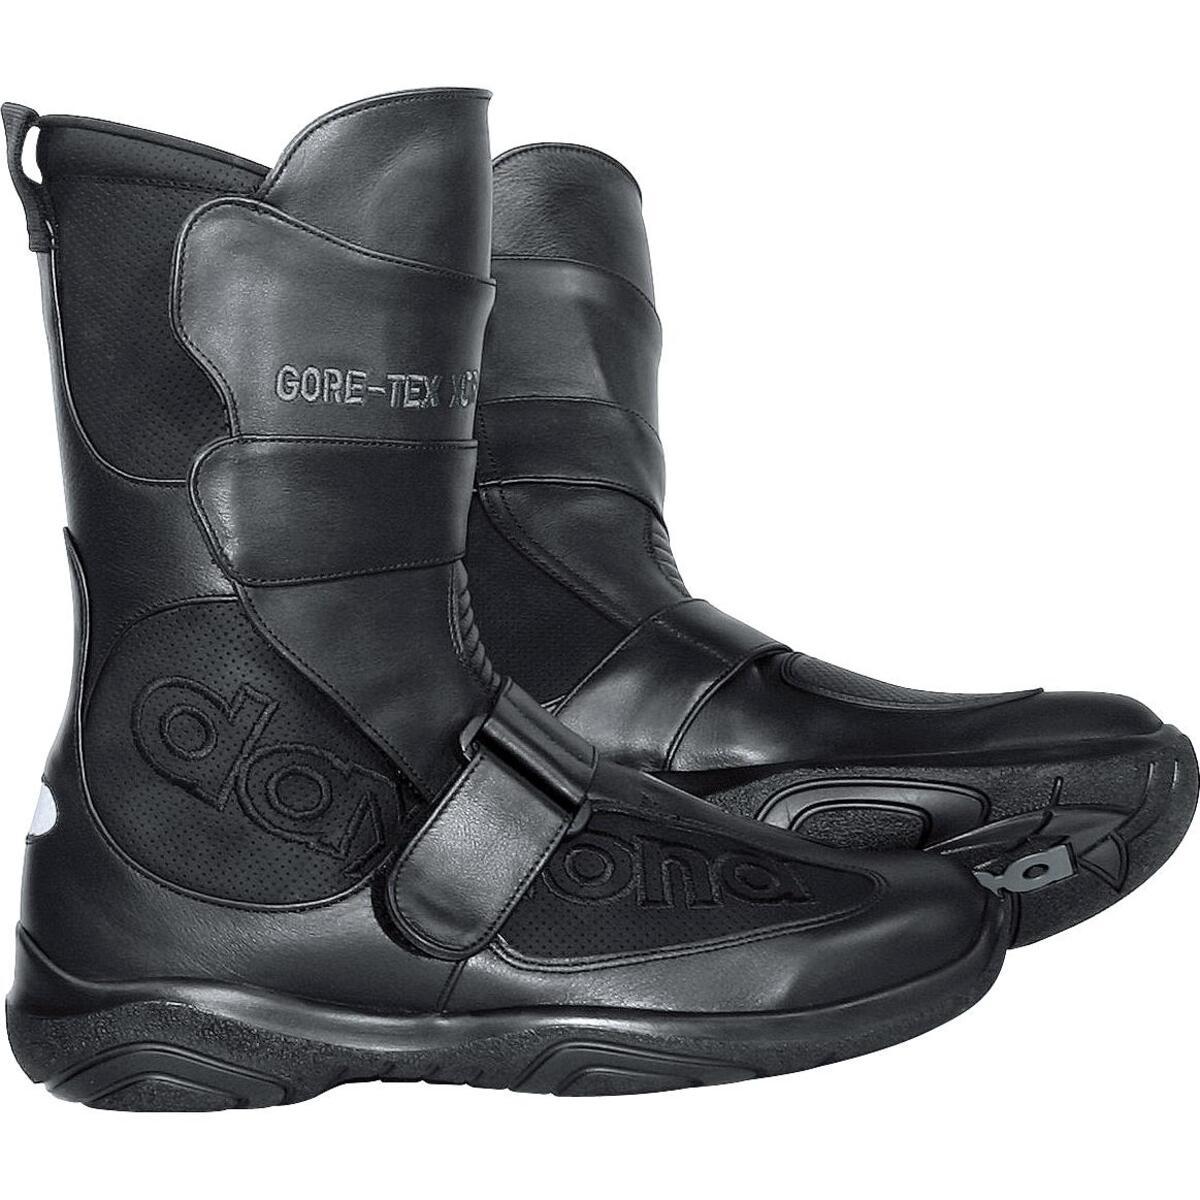 Bild 2 von Daytona Boots Burdit XCR Stiefel Motorradstiefel schwarz Herren Größe 41